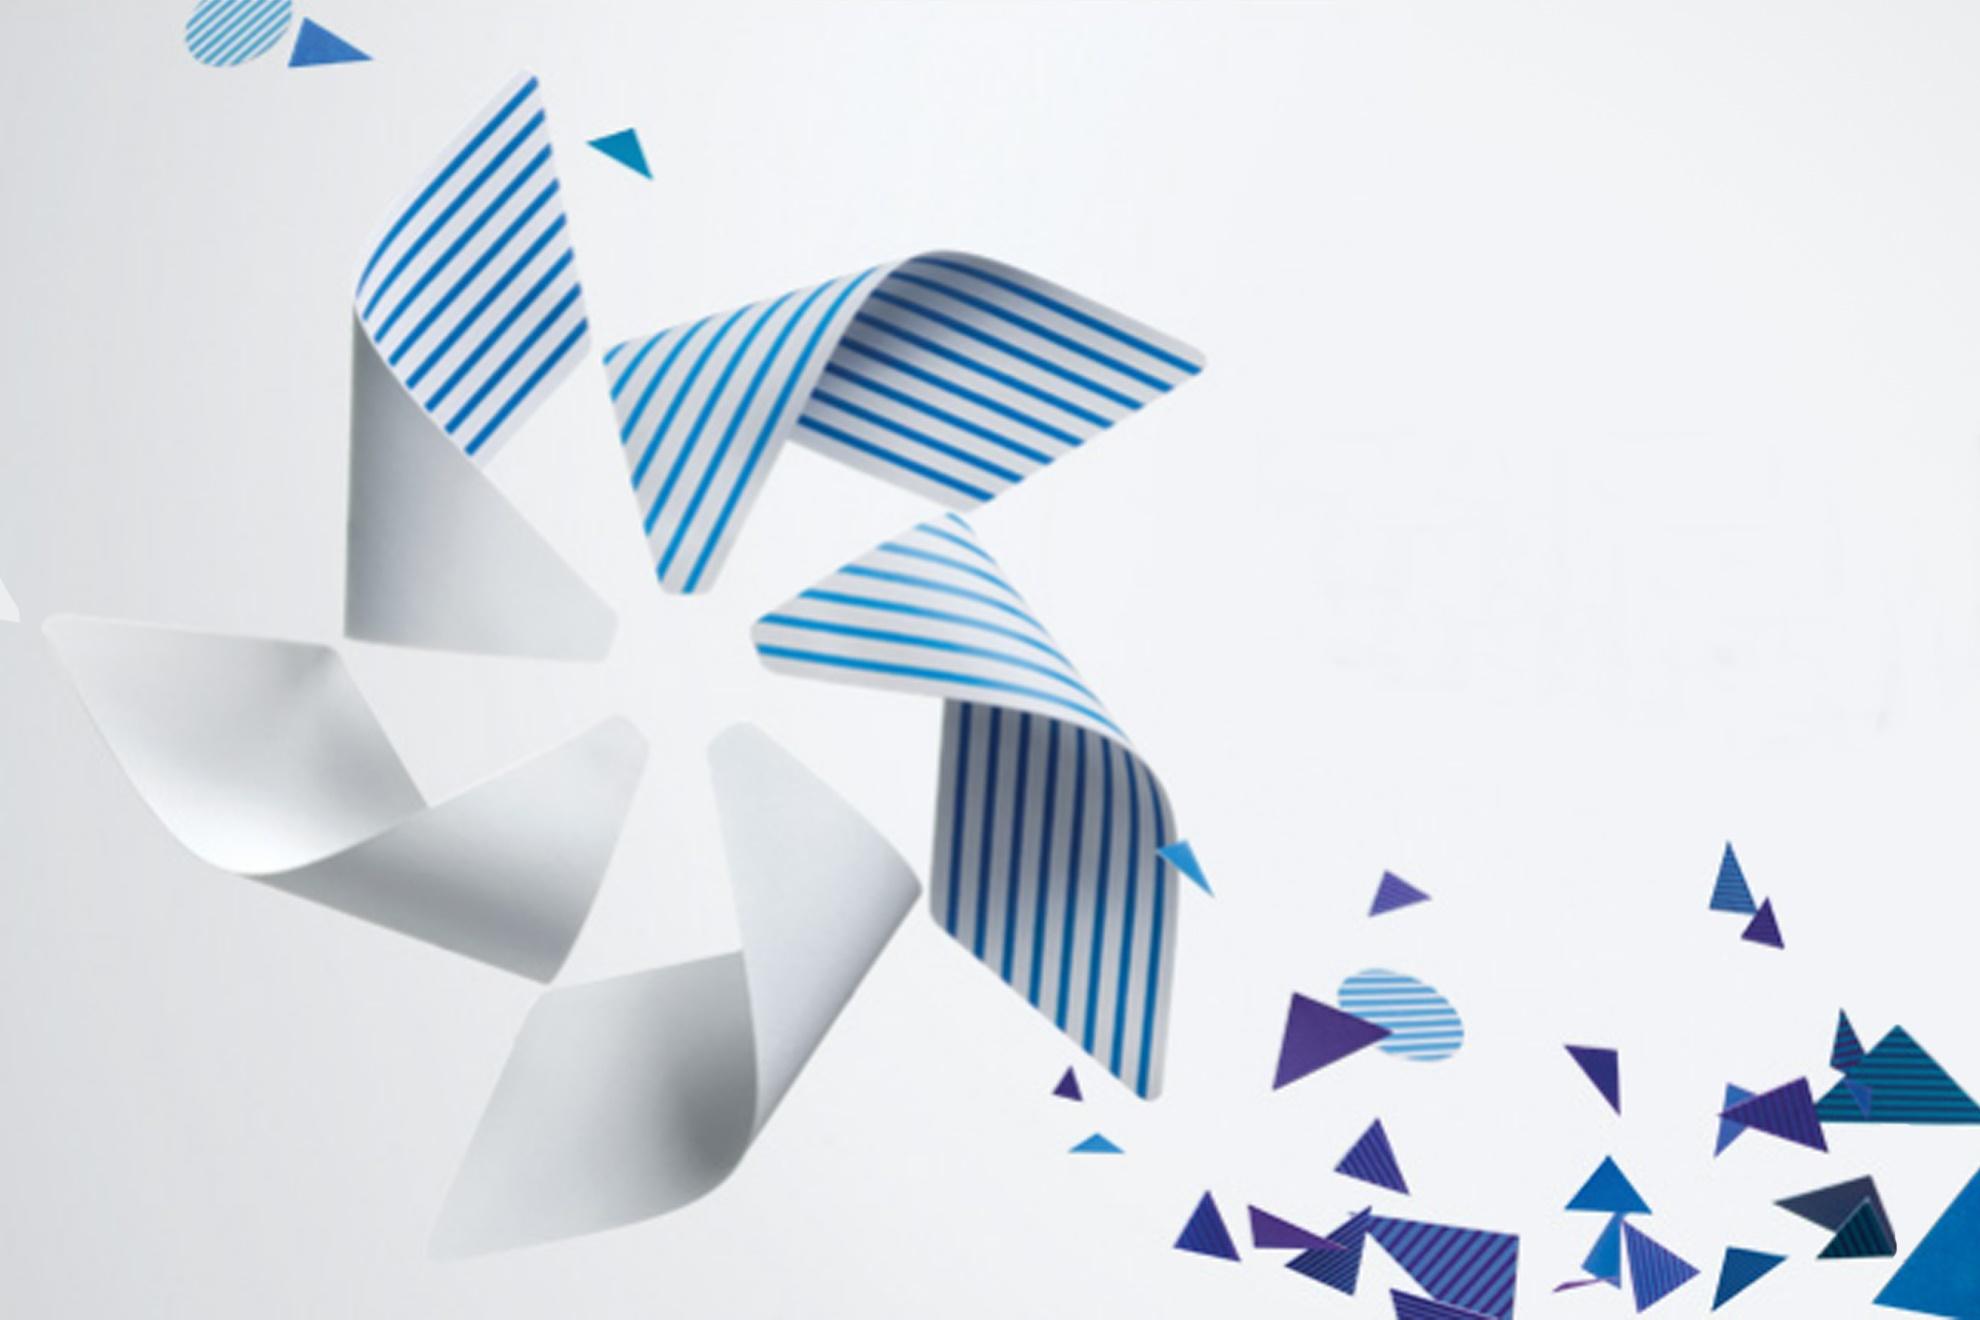 Imagem de Vazou: confira as primeiras fotos do Samsung Z2 com novo Tizen 3.0 no tecmundo